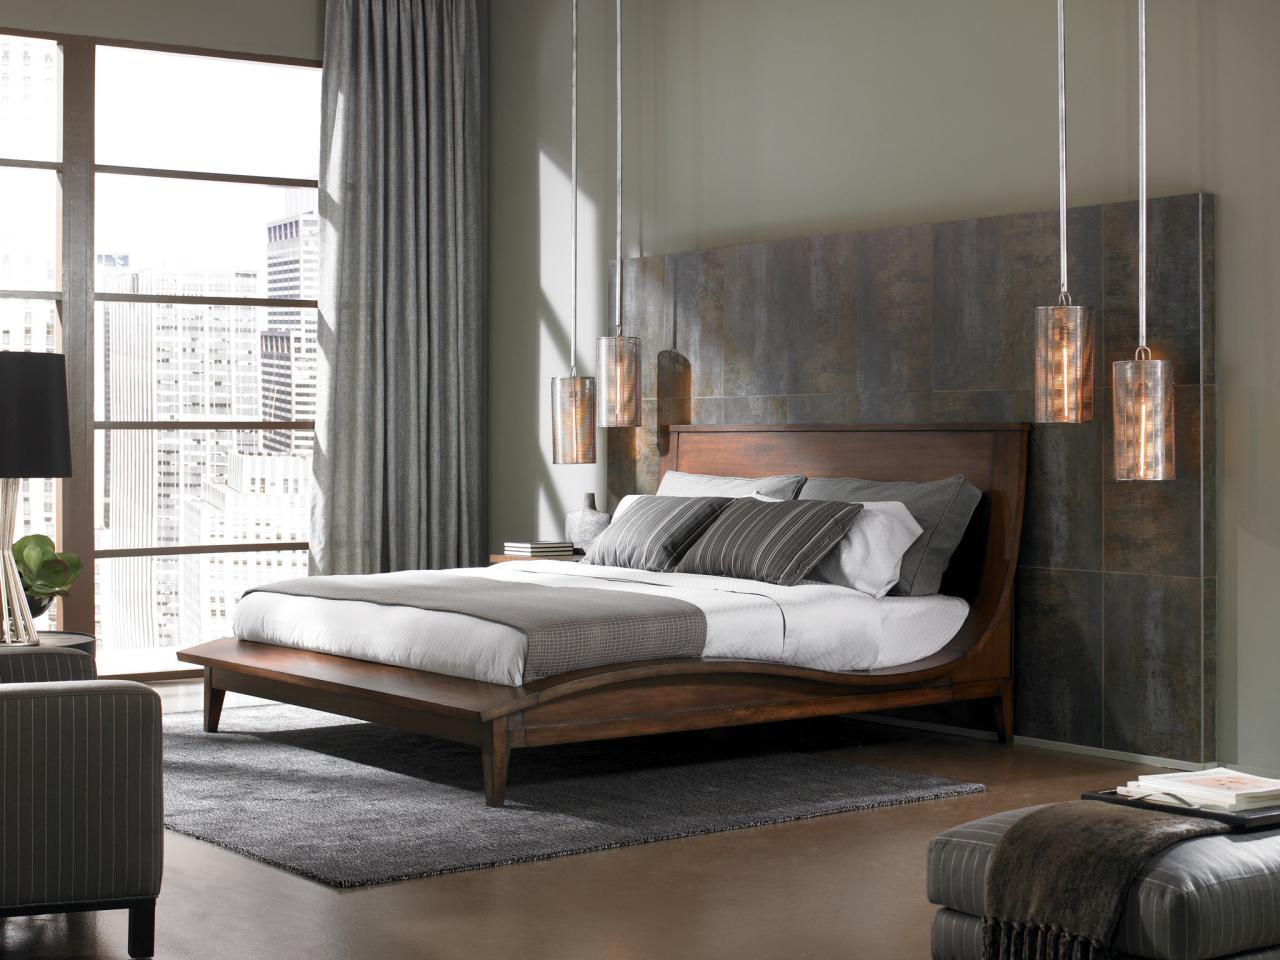 แต่งห้องนอนแบบต่างๆ อย่างไรจึงจะดูดี